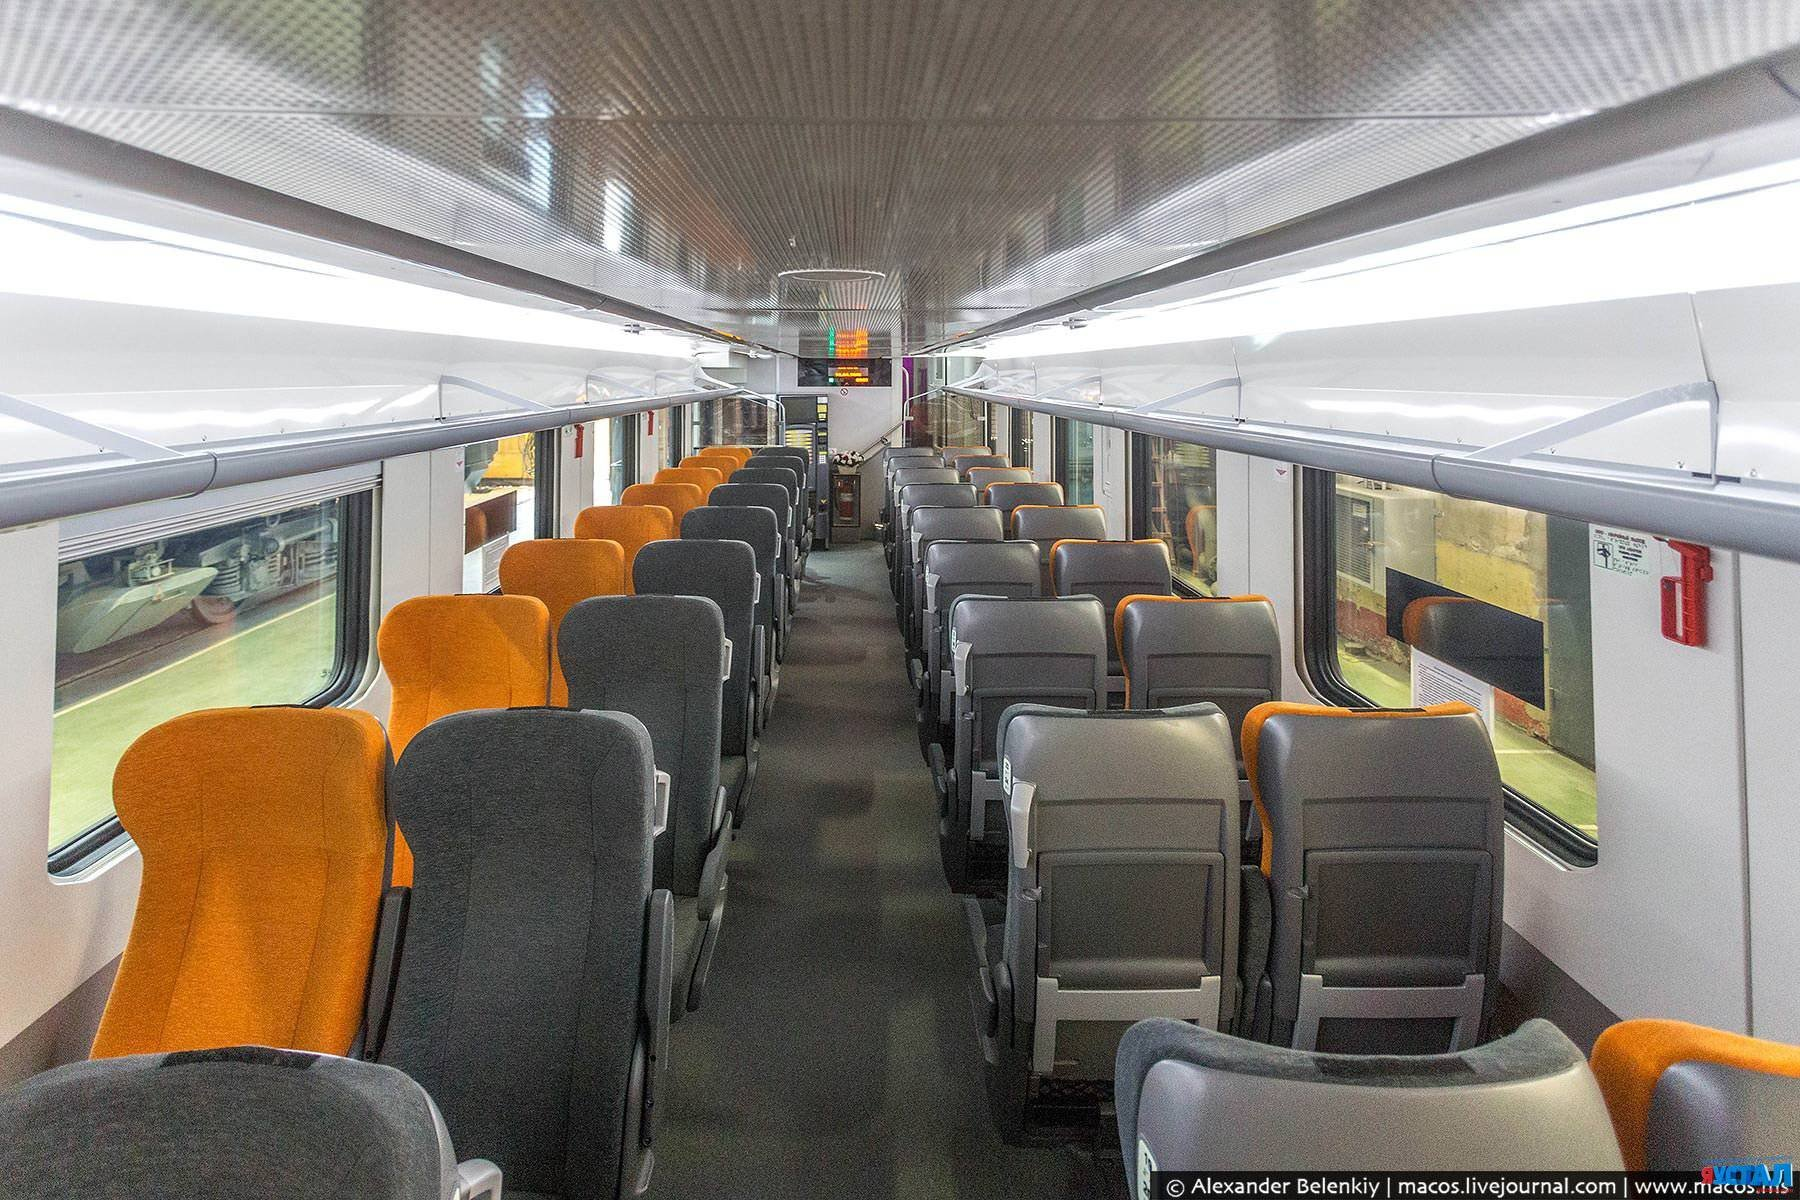 качеством фото двухэтажного сидячего вагона эта